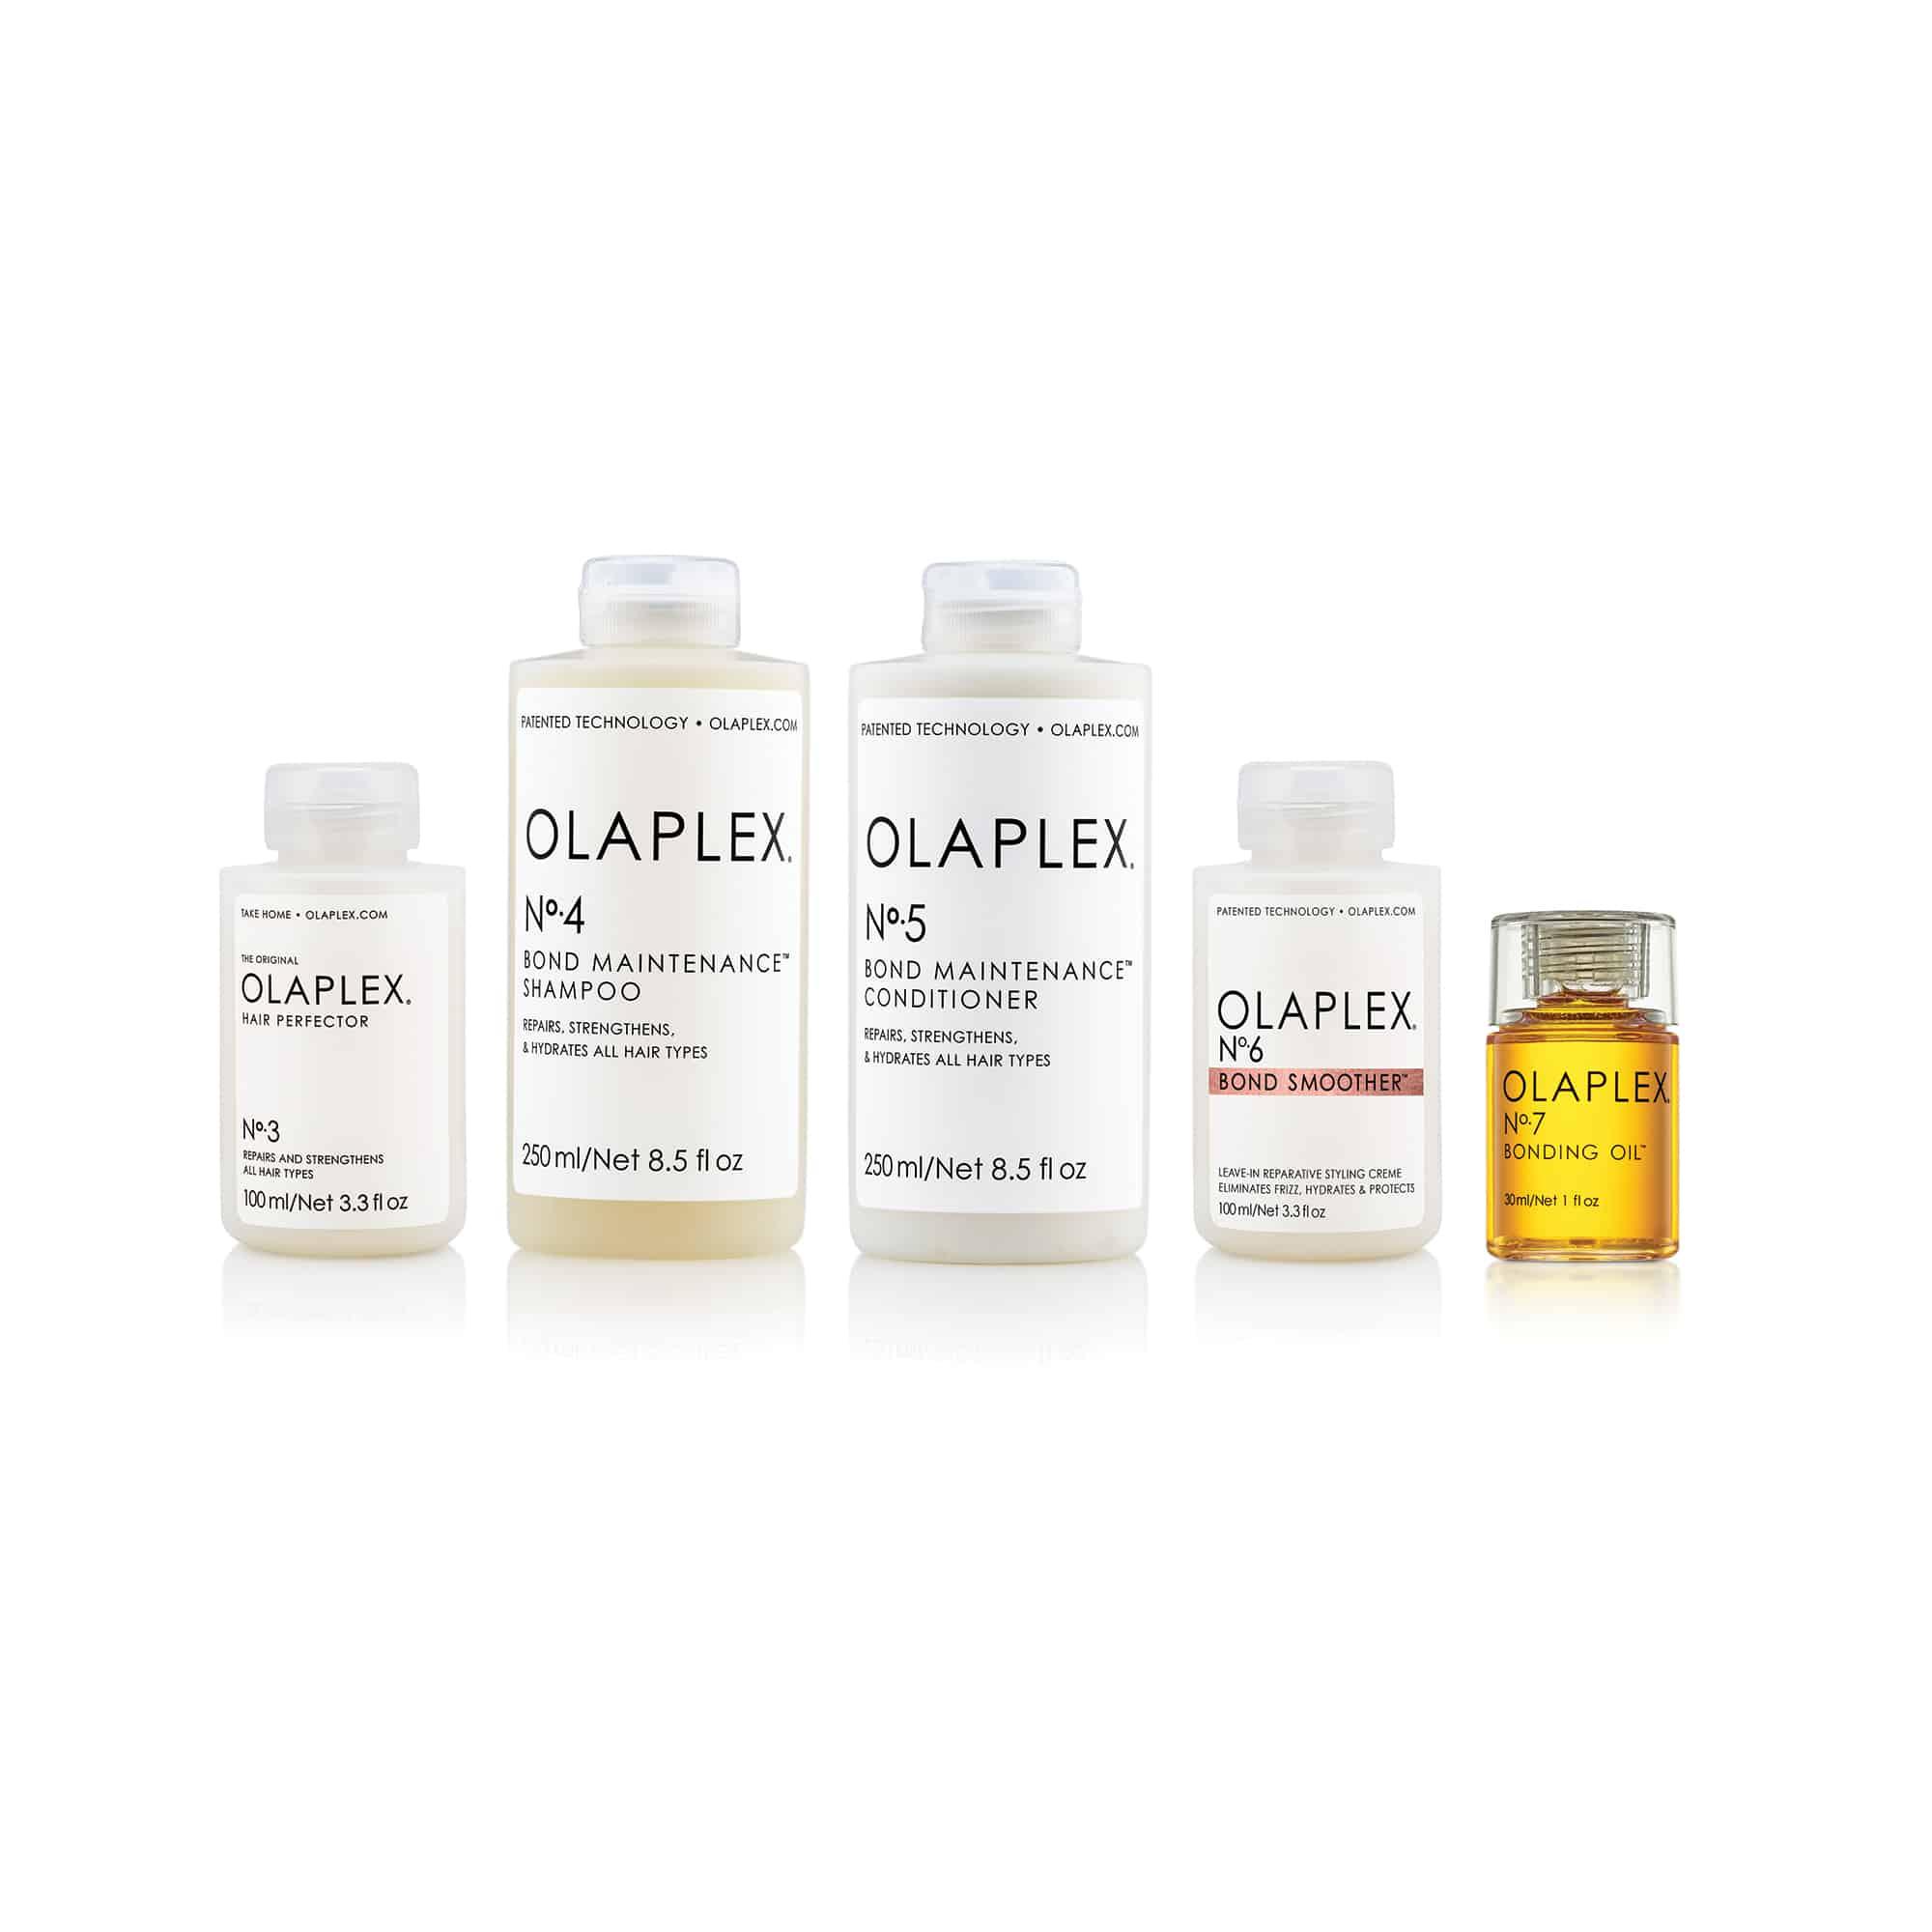 Olaplex Behandlung - Die Pflege für gesundes und glattes Haar